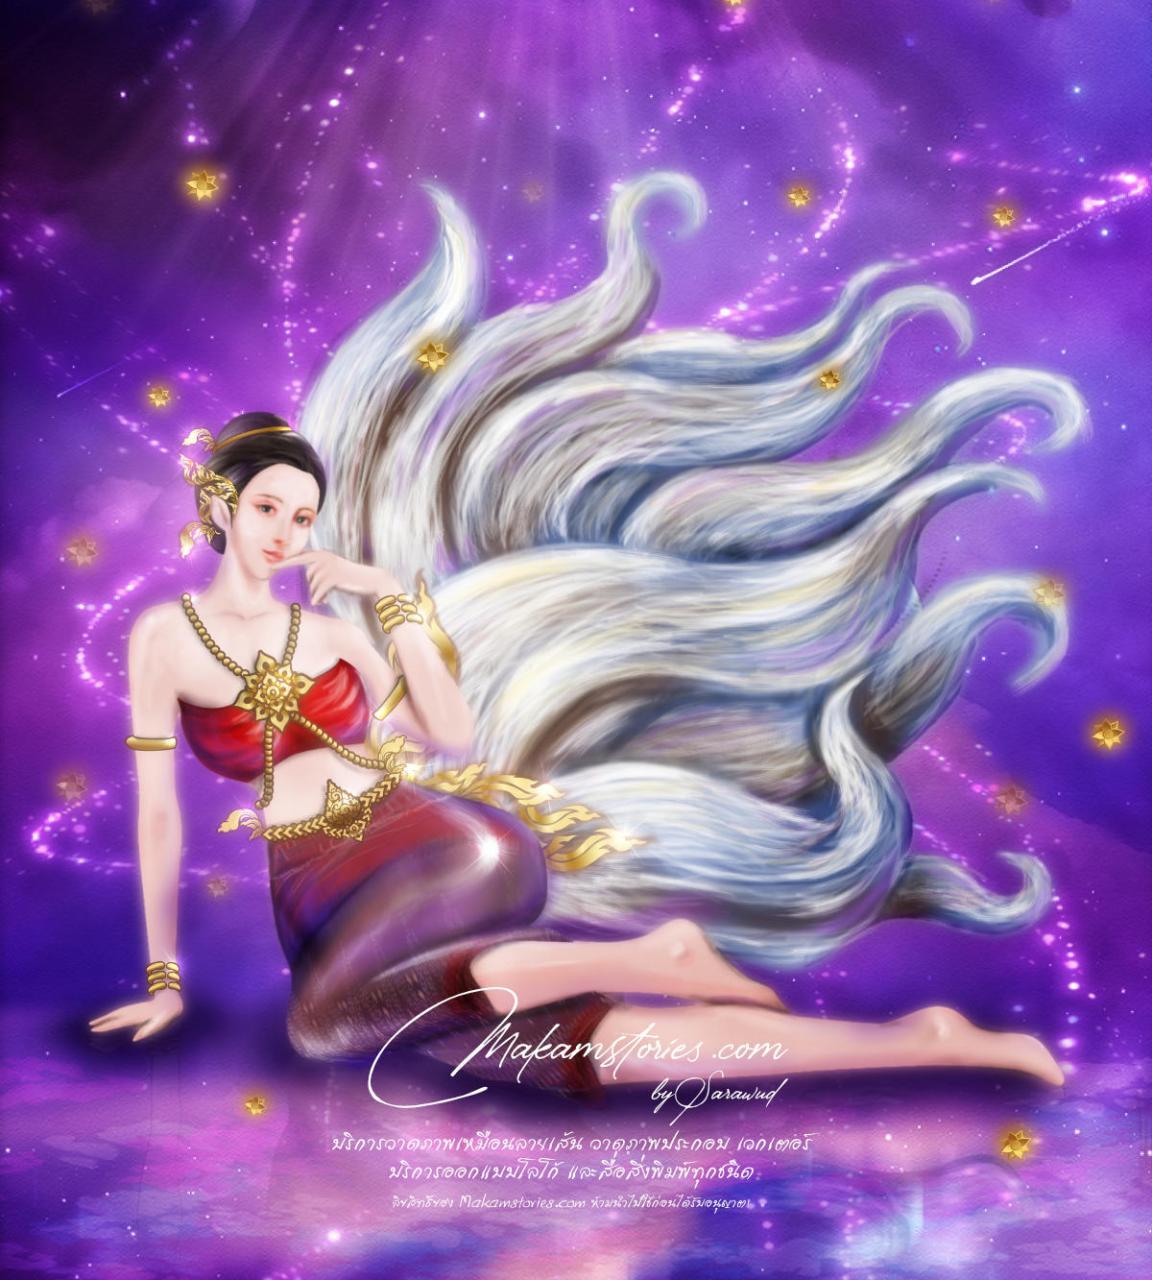 ภาพวาดจิ้งจอกเก้าหางสไตล์ไทย ภาพวาดตามจิตนาการ และไอเดียผู้หญิงไทยประยุกต์